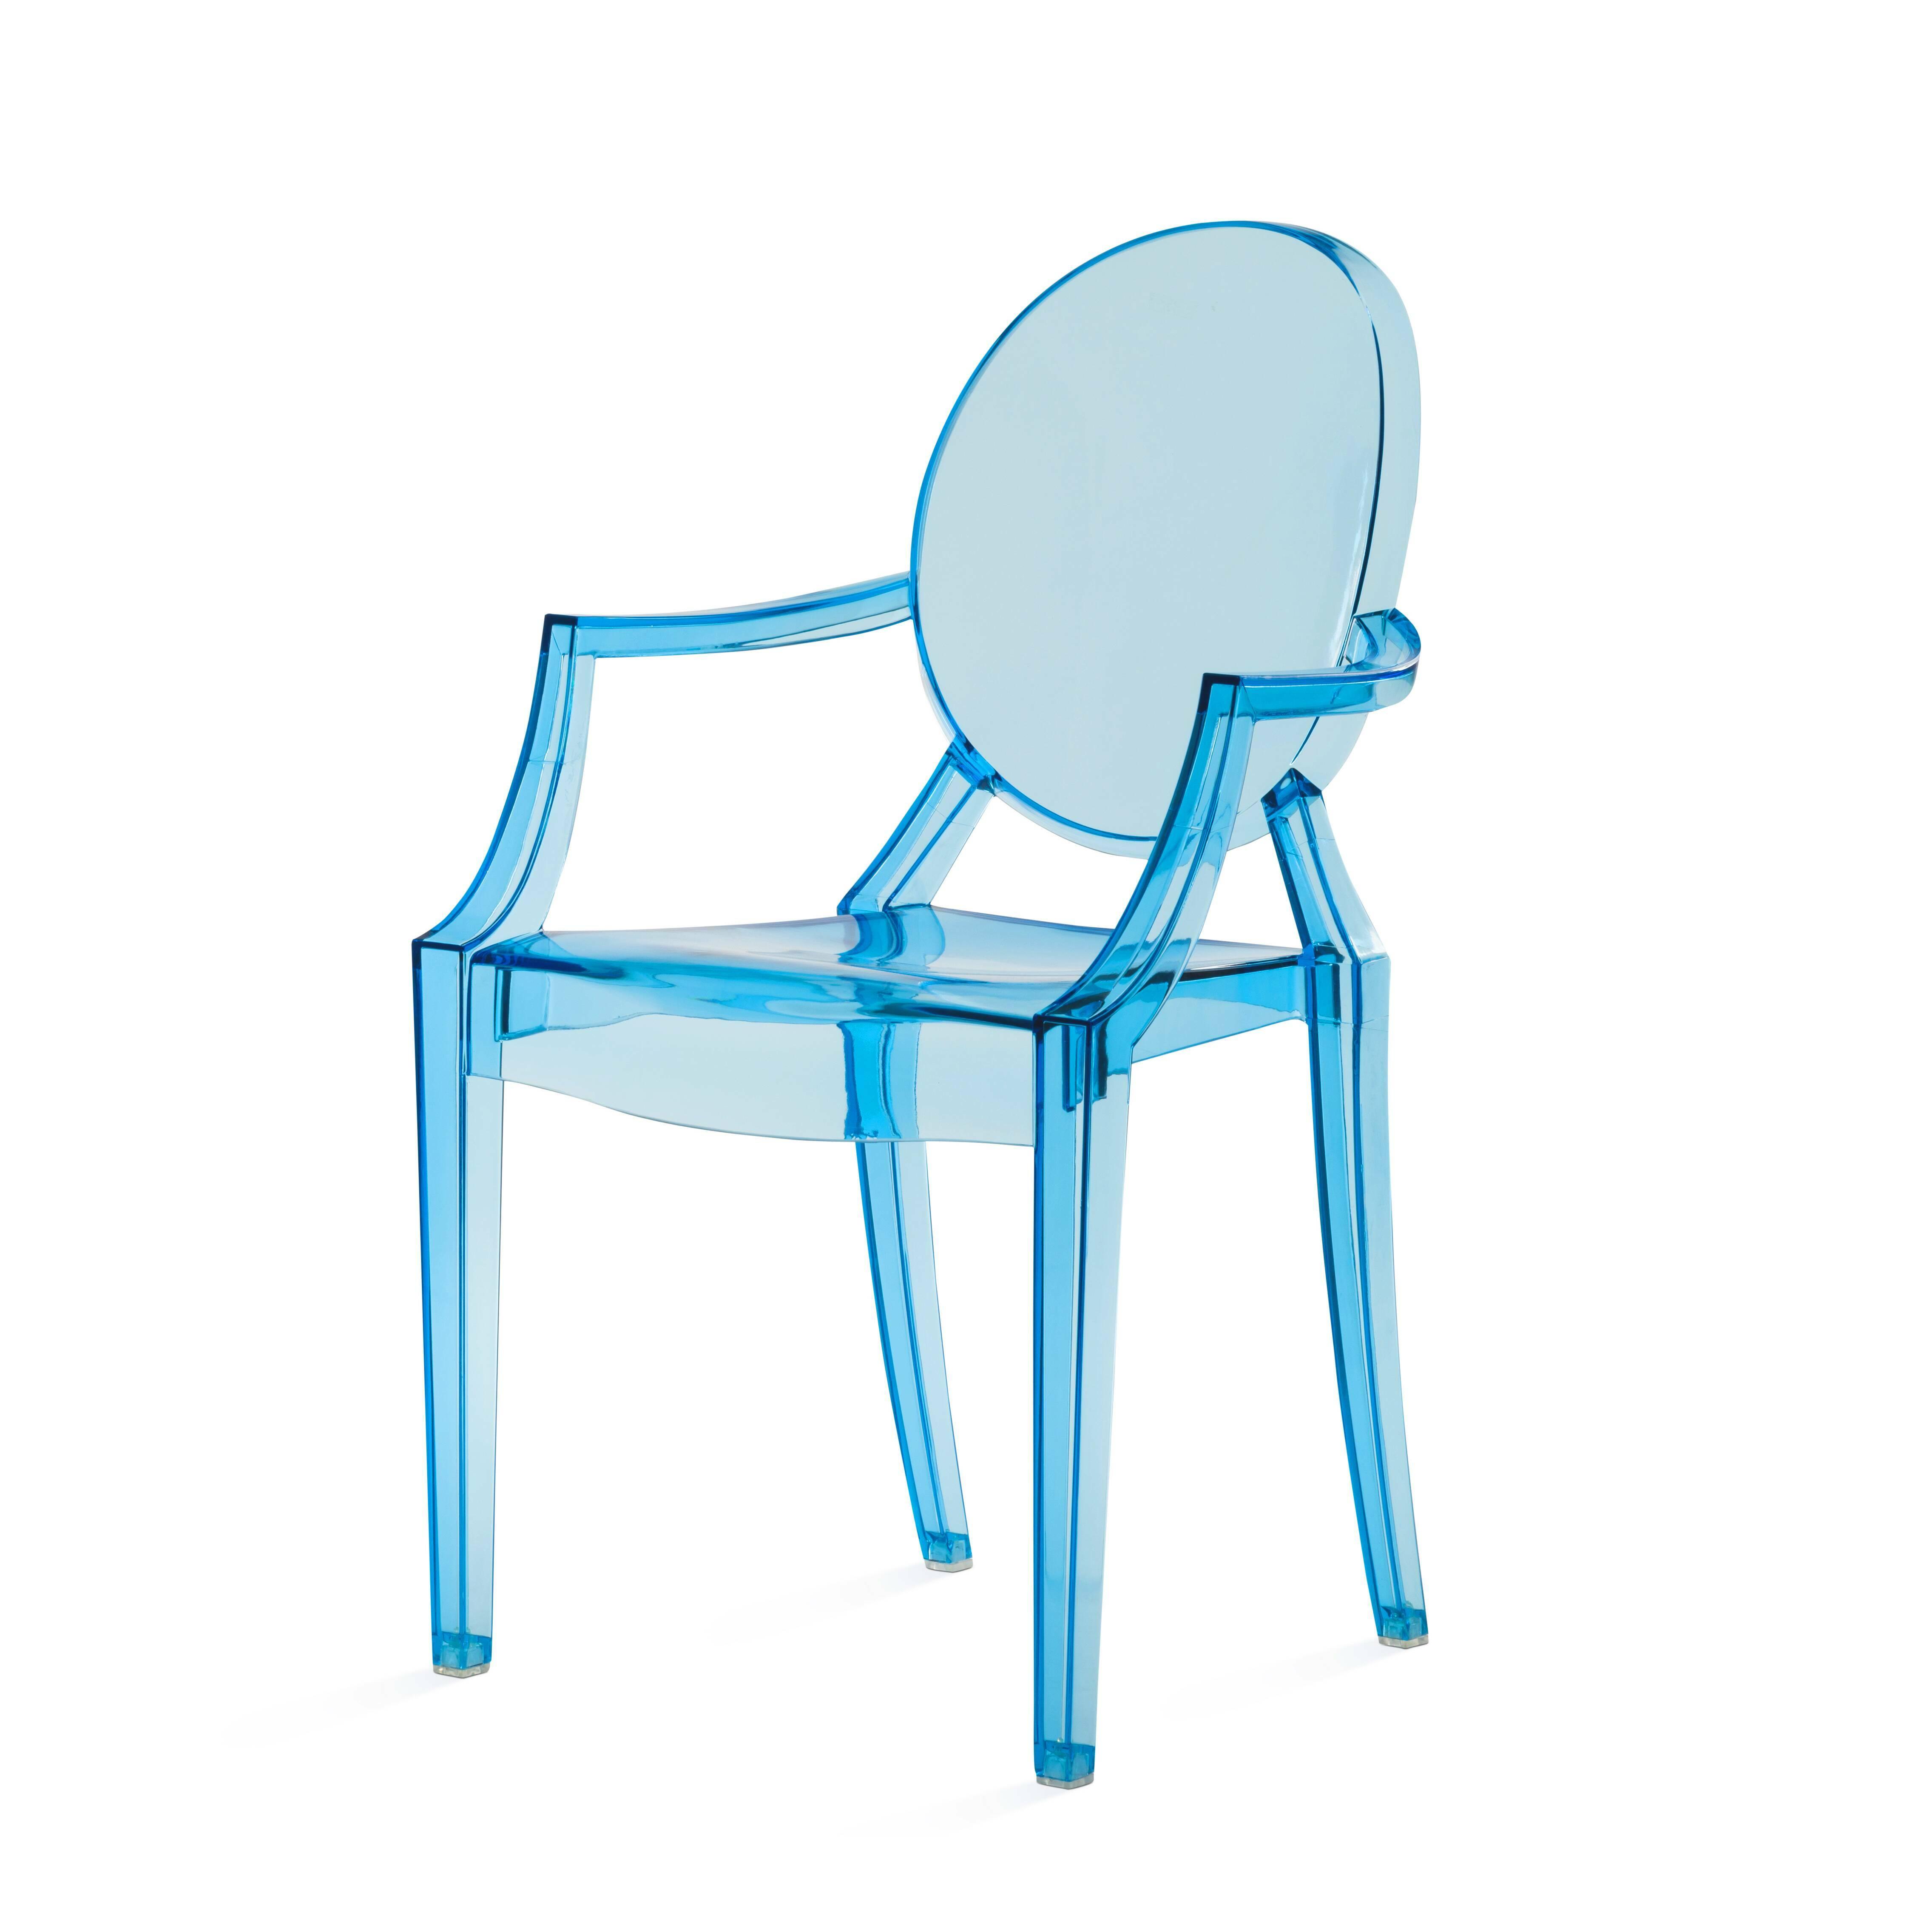 Детский стул Louis GhostМебель для детей<br>Особый стиль современного дизайна требует к себе особенно тщательного подхода. Зачастую комнаты оформляются в популярном сегодня стиле минимализма, из-за чего выбор подходящей мебели и декора для комнаты нужно делать обдуманно и со вкусом. Не должно быть ничего лишнего,  практичность и красота — вот главные принципы такого дизайна. Но если речь идет о детской комнате, такие принципы трудно соблюдать в полной мере.<br><br><br> Детский стул Louis Ghost — это замечательное сочетание удобства и отл...<br><br>stock: 15<br>Высота: 63,5<br>Высота сиденья: 33<br>Ширина: 37<br>Глубина: 38,5<br>Материал каркаса: Поликарбонат<br>Тип материала каркаса: Пластик<br>Цвет каркаса: Голубой